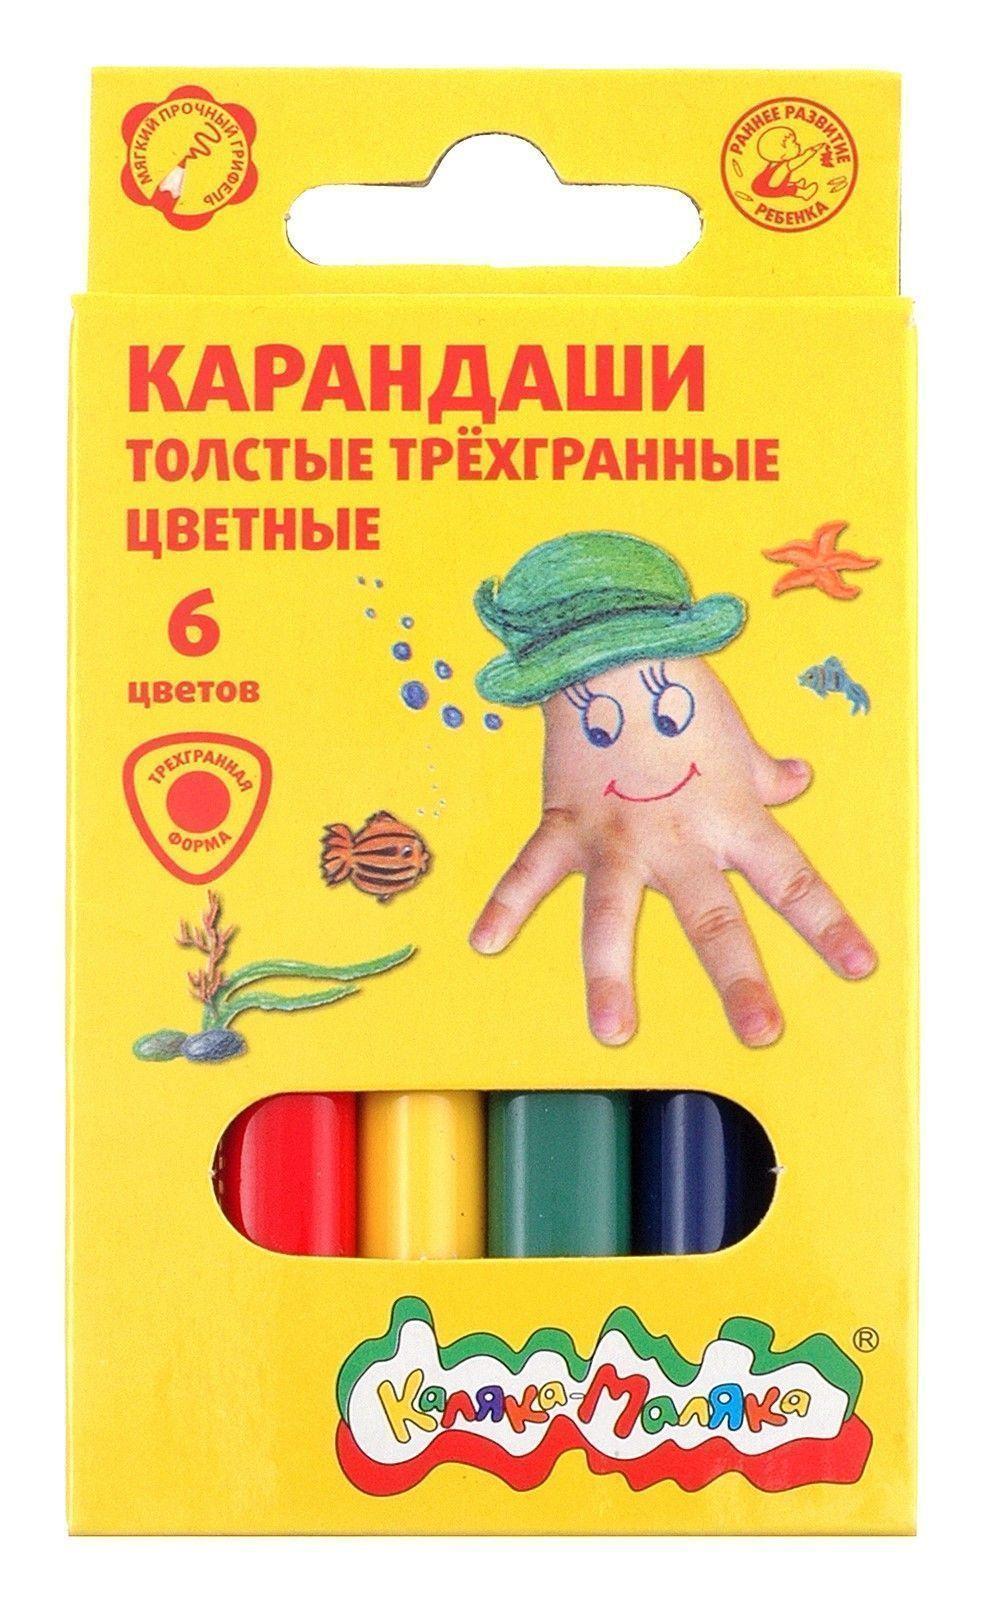 Карандаши цветные Каляка-Маляка 6 цветов, укороченный и толстый корпус 3+